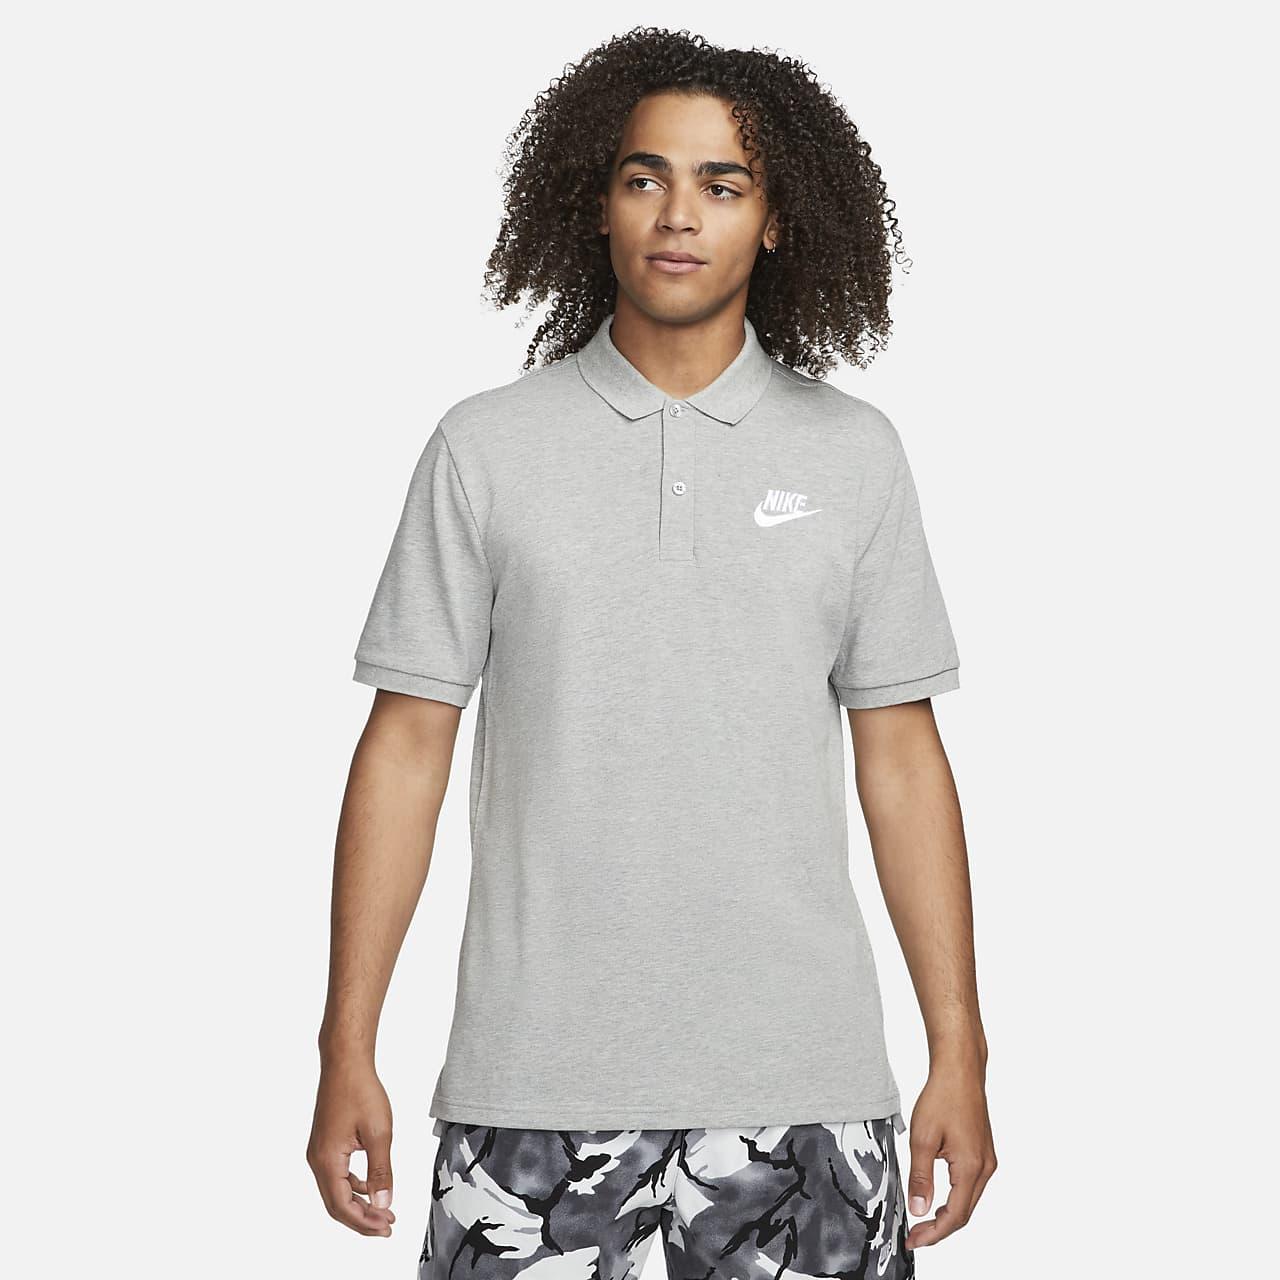 Low Resolution Nike Sportswear Men's Polo Nike Sportswear Men's Polo